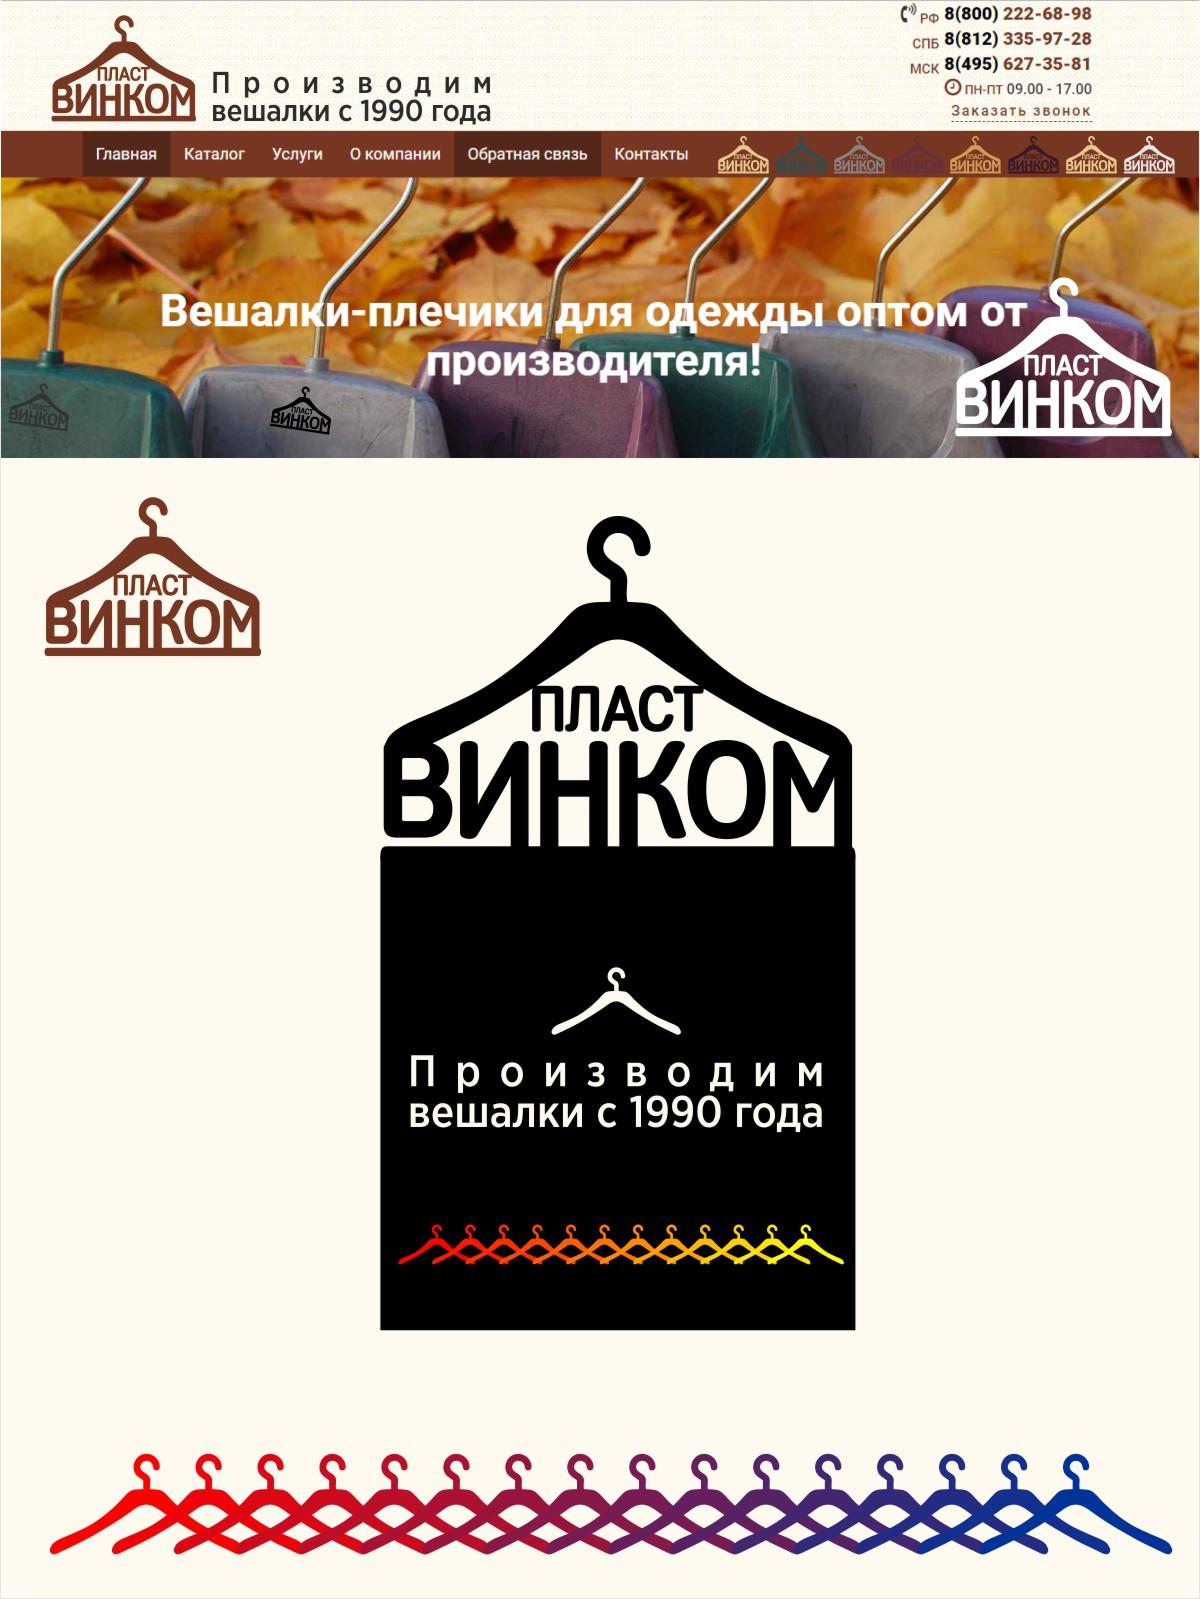 Логотип, фавикон и визитка для компании Винком Пласт  фото f_5895c373bbc166b5.jpg